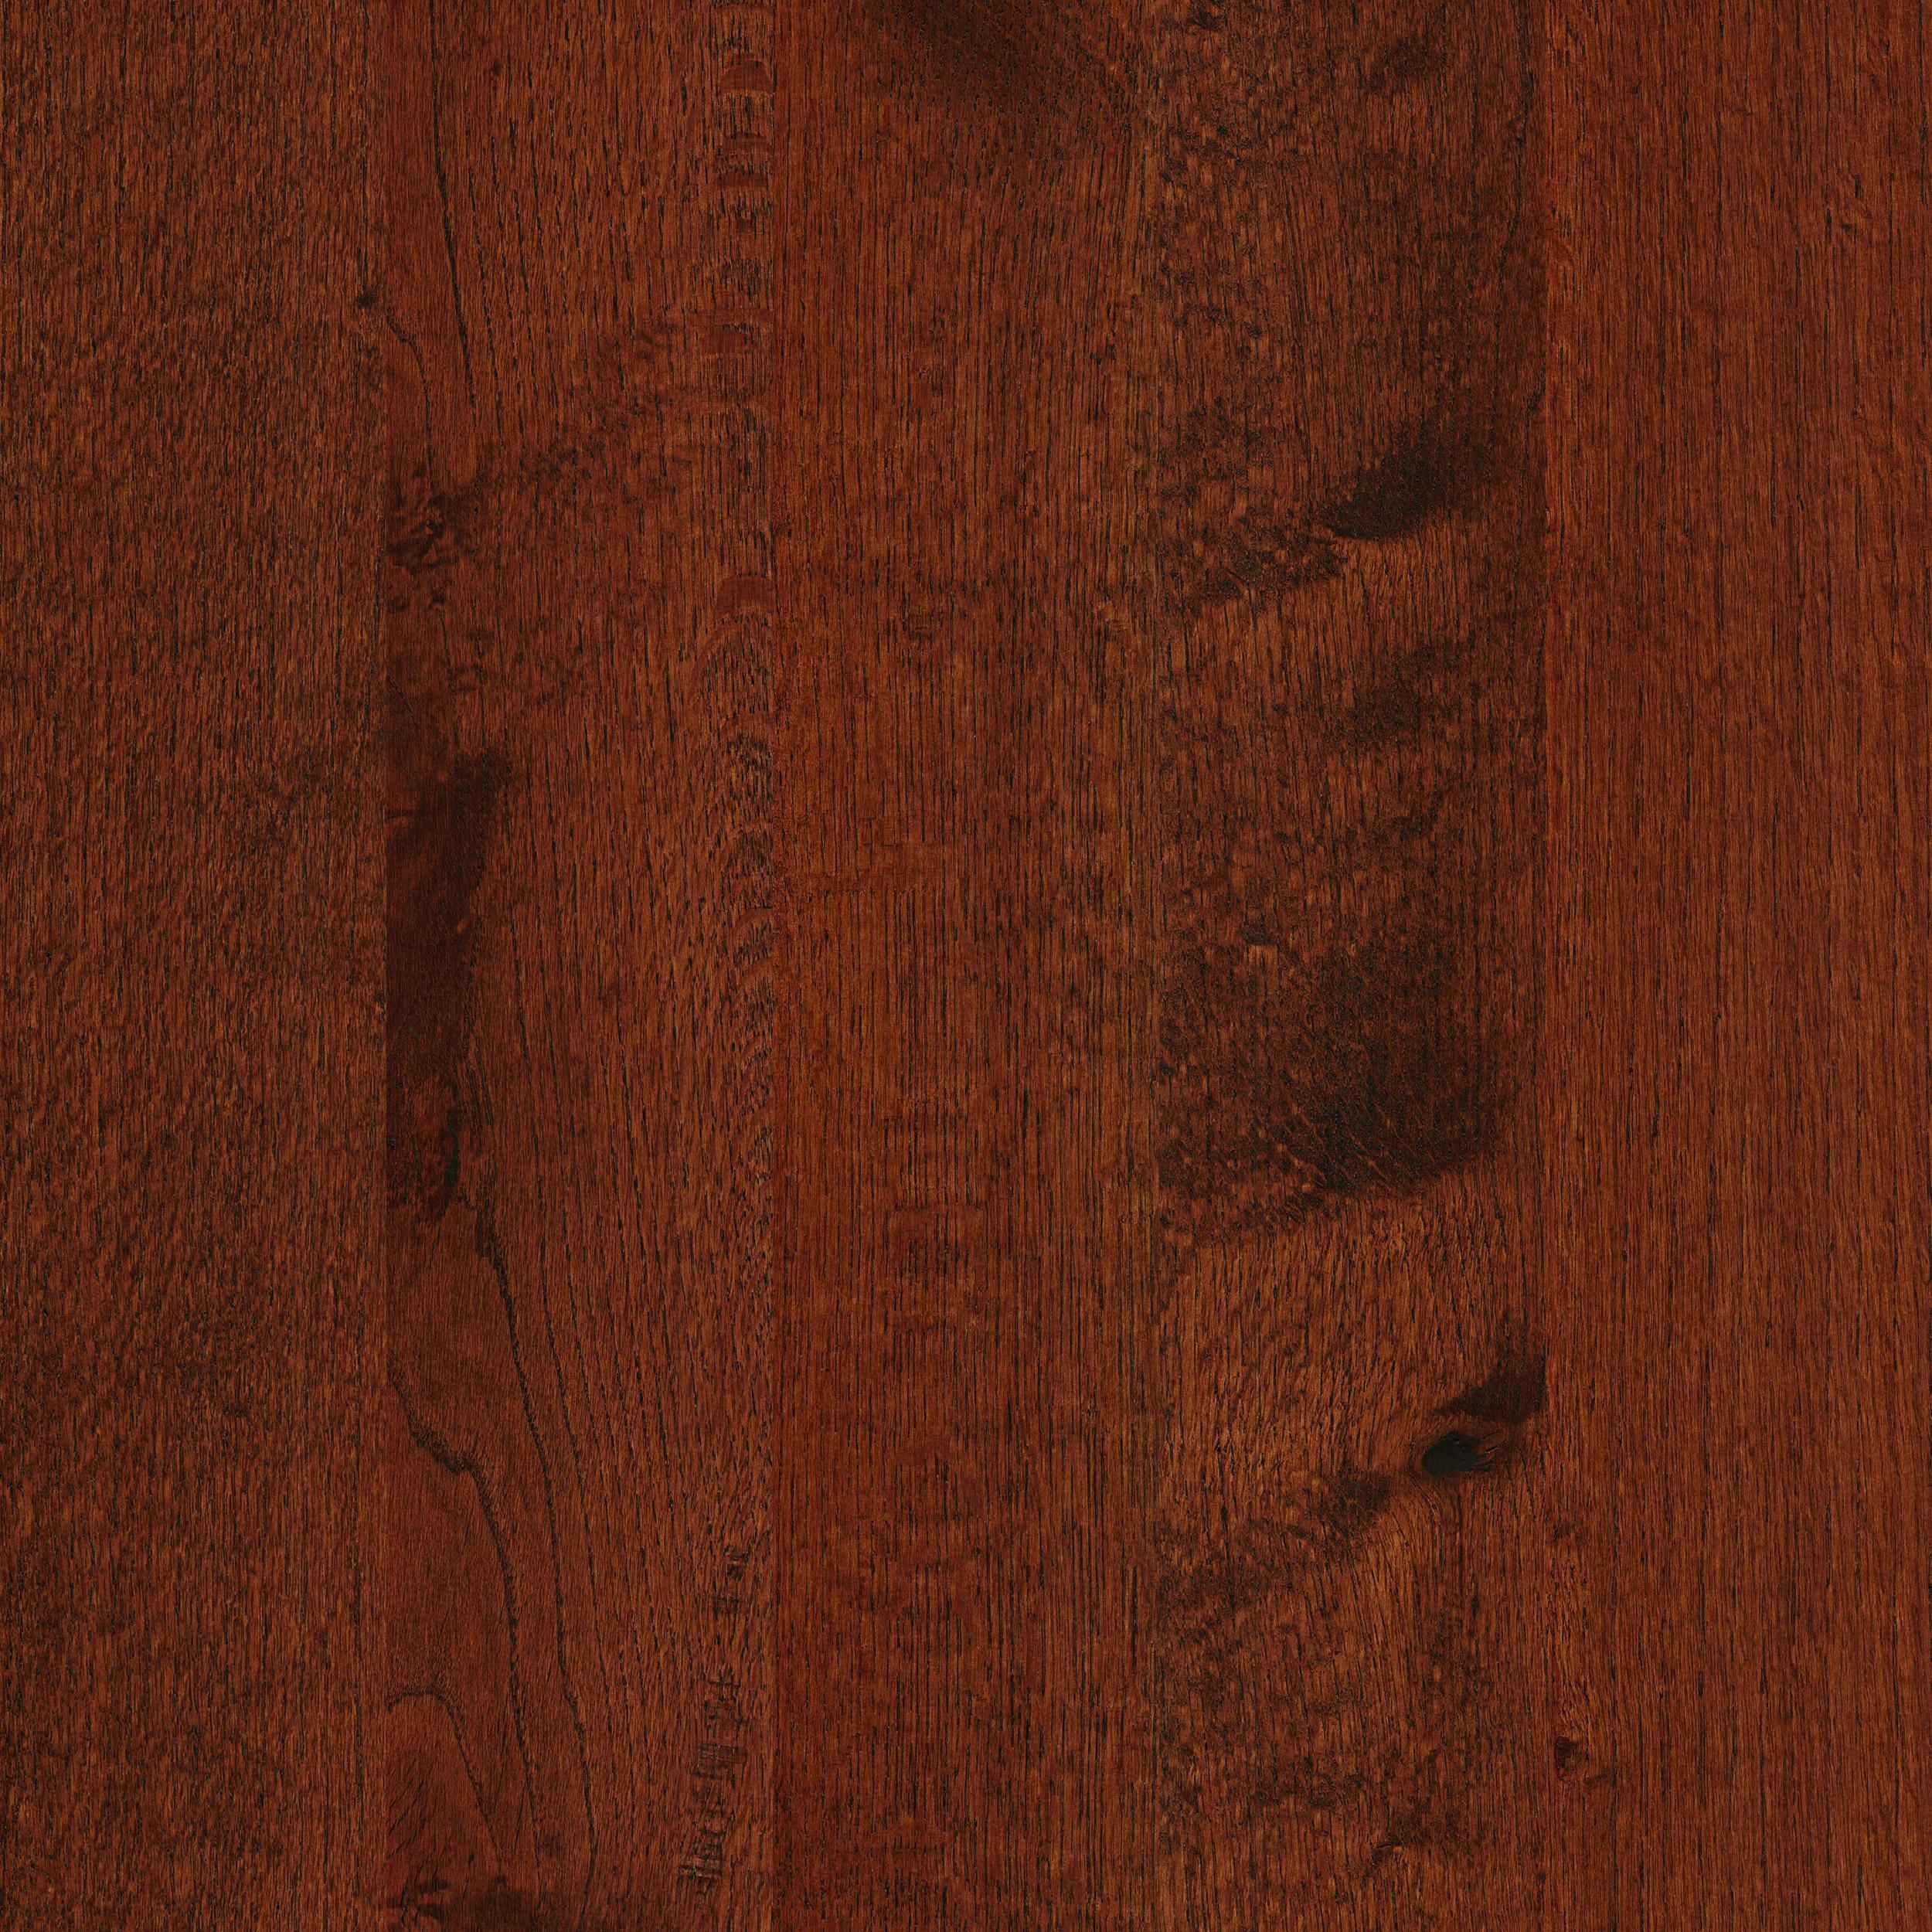 3 4 oak hardwood flooring of timber hardwood red oak sorrell 5 wide solid hardwood flooring for red oak sorrell timber solid approved bk